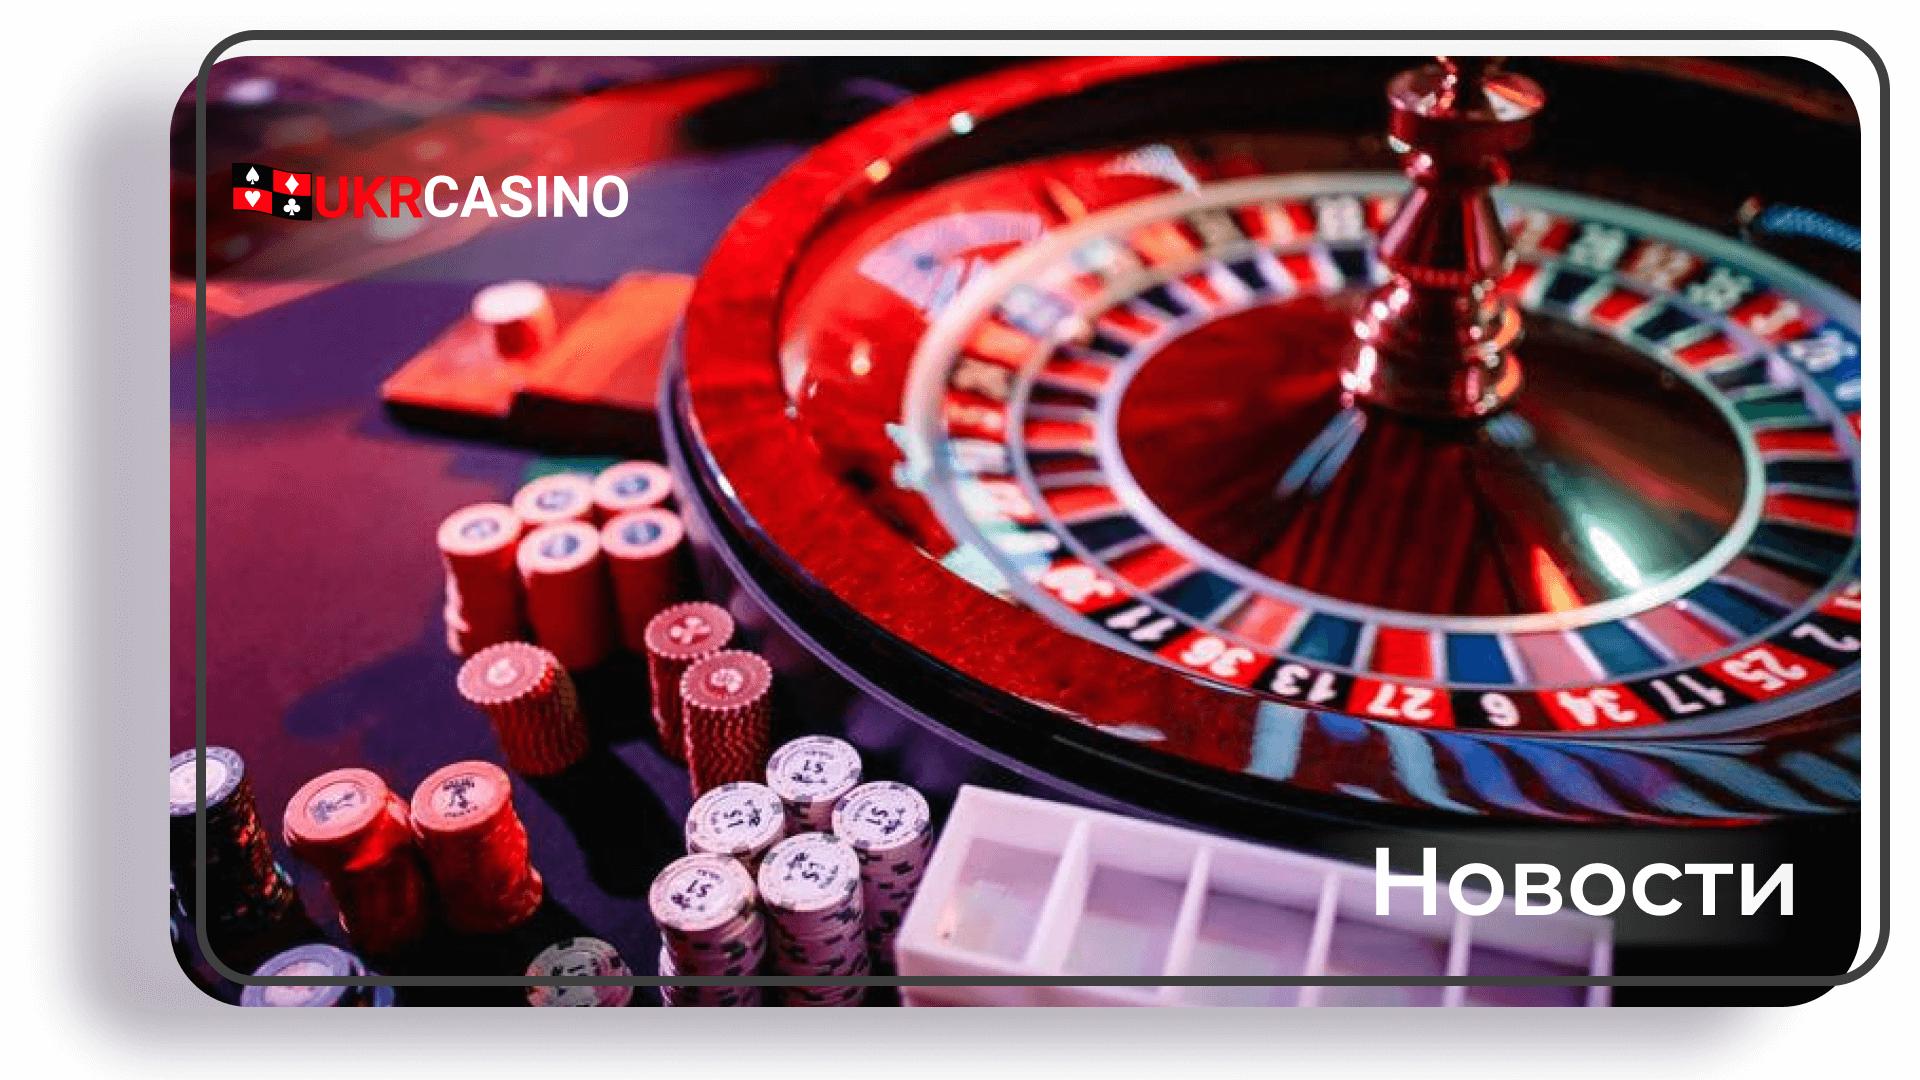 Будущее наземных азартных заведений и онлайн-казино